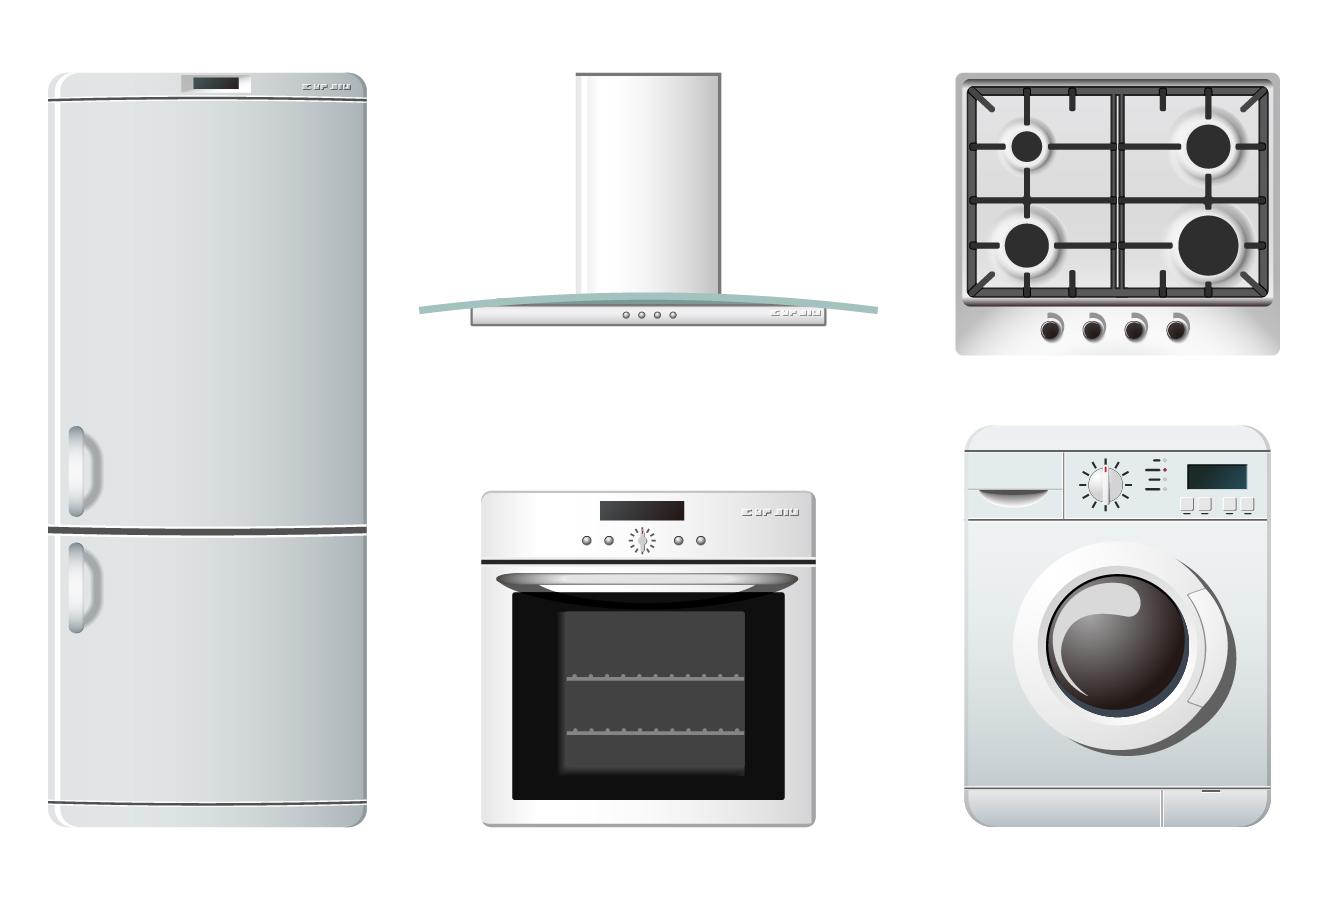 白物家電のクリップアート household appliances icons イラスト素材1